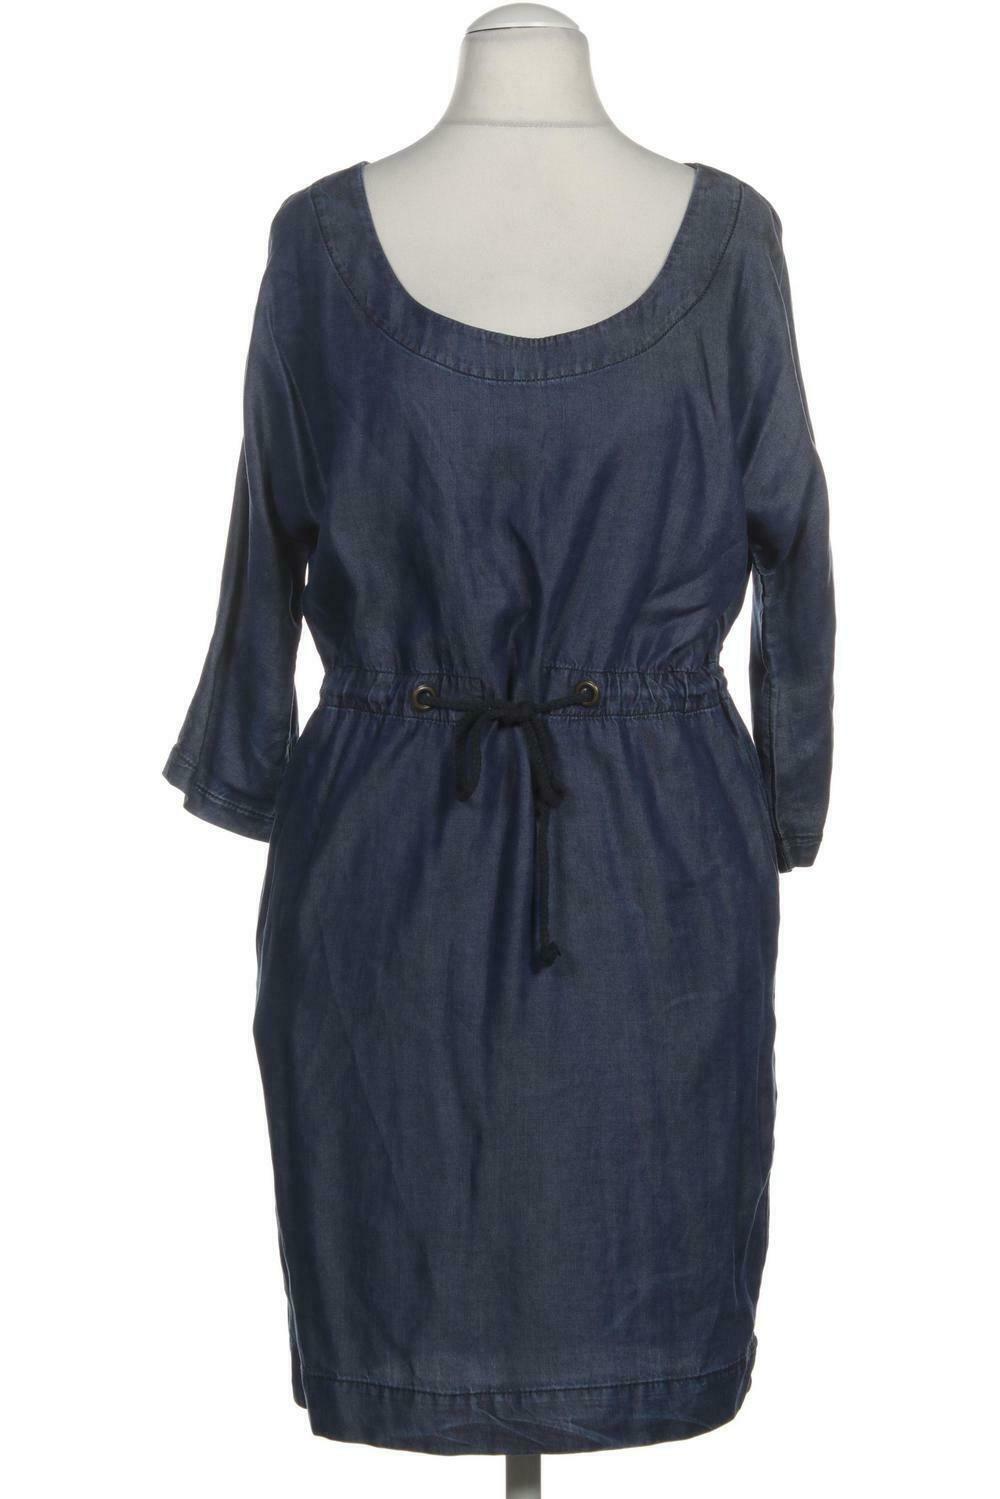 ZARA Kleid Damen Dress Damenkleid Gr. S Viskose blau #b18efee18